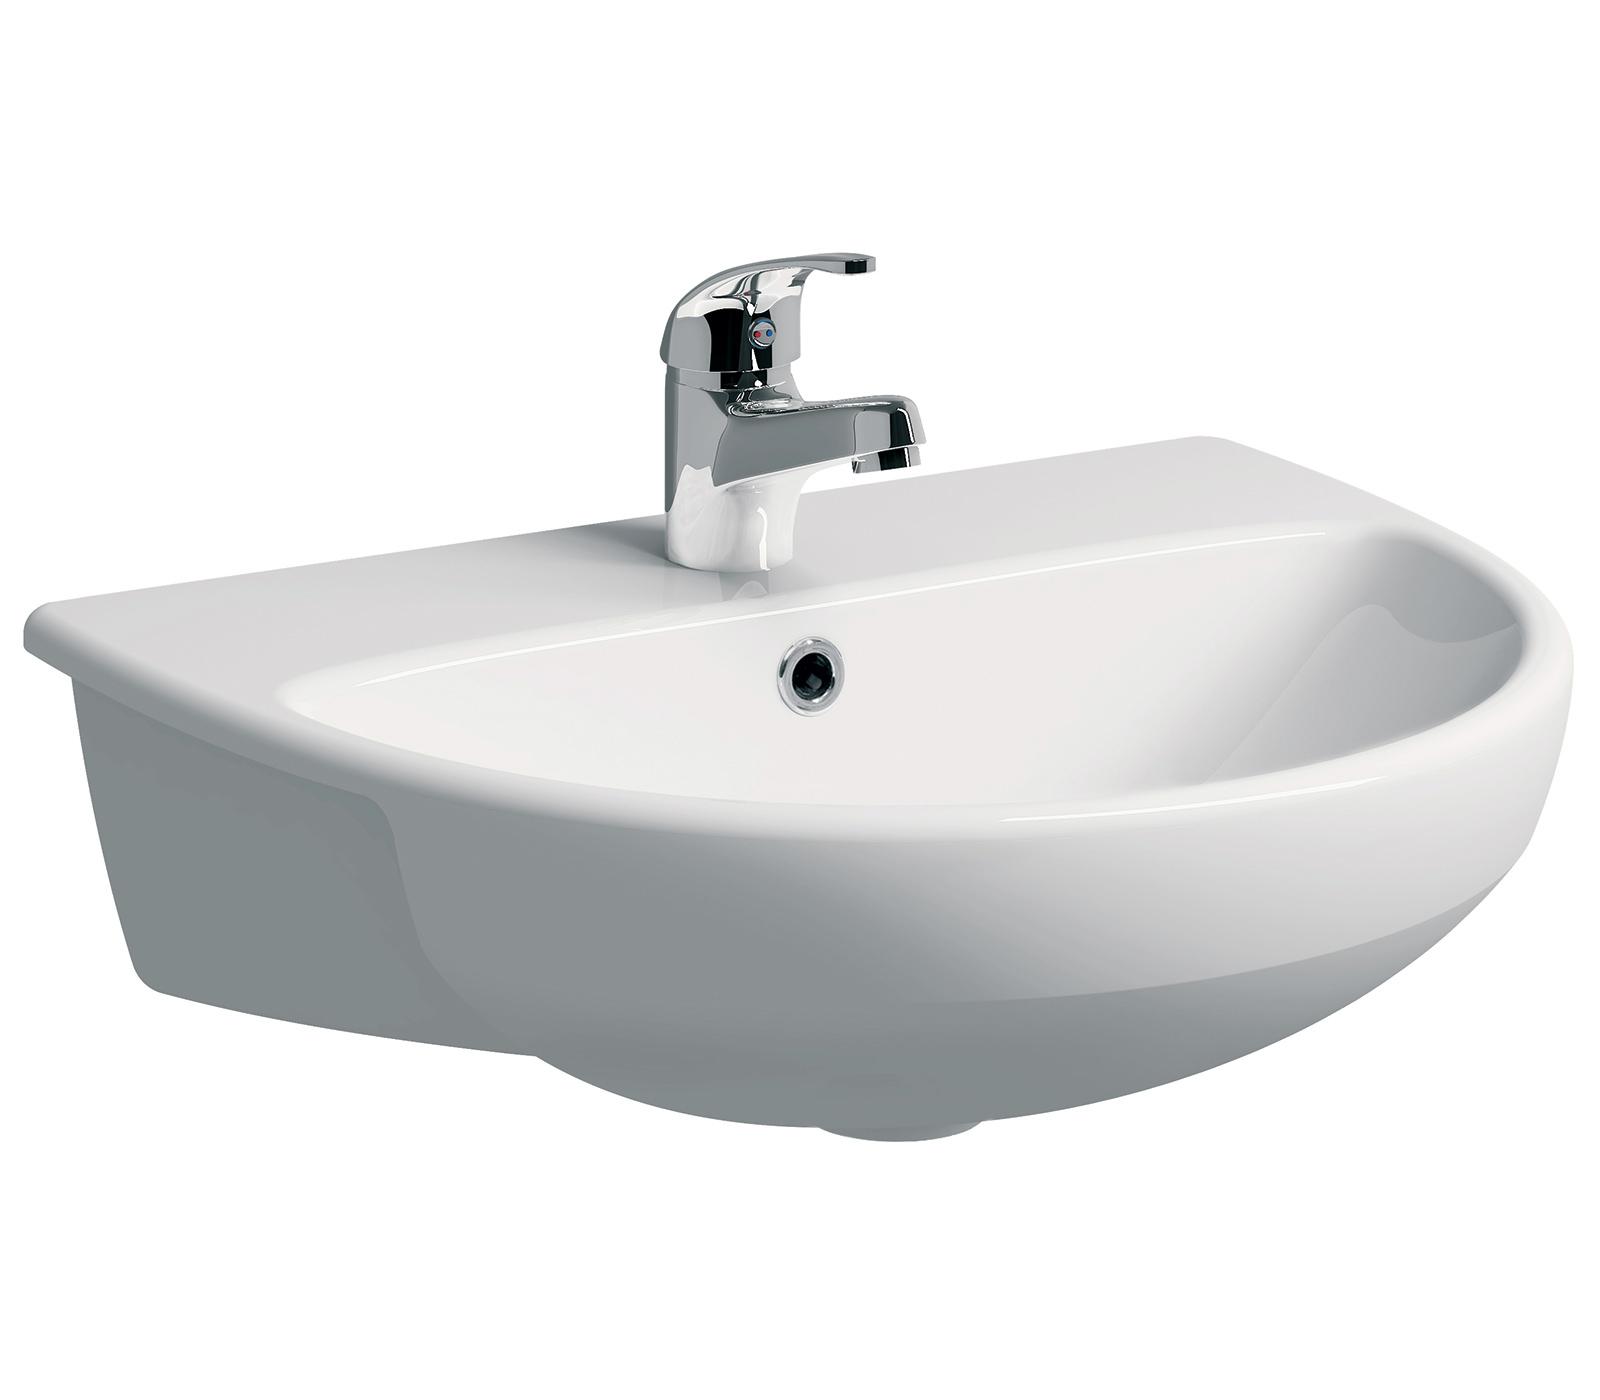 Twyford E100 Round 550 X 440mm Semi Recessed Basin